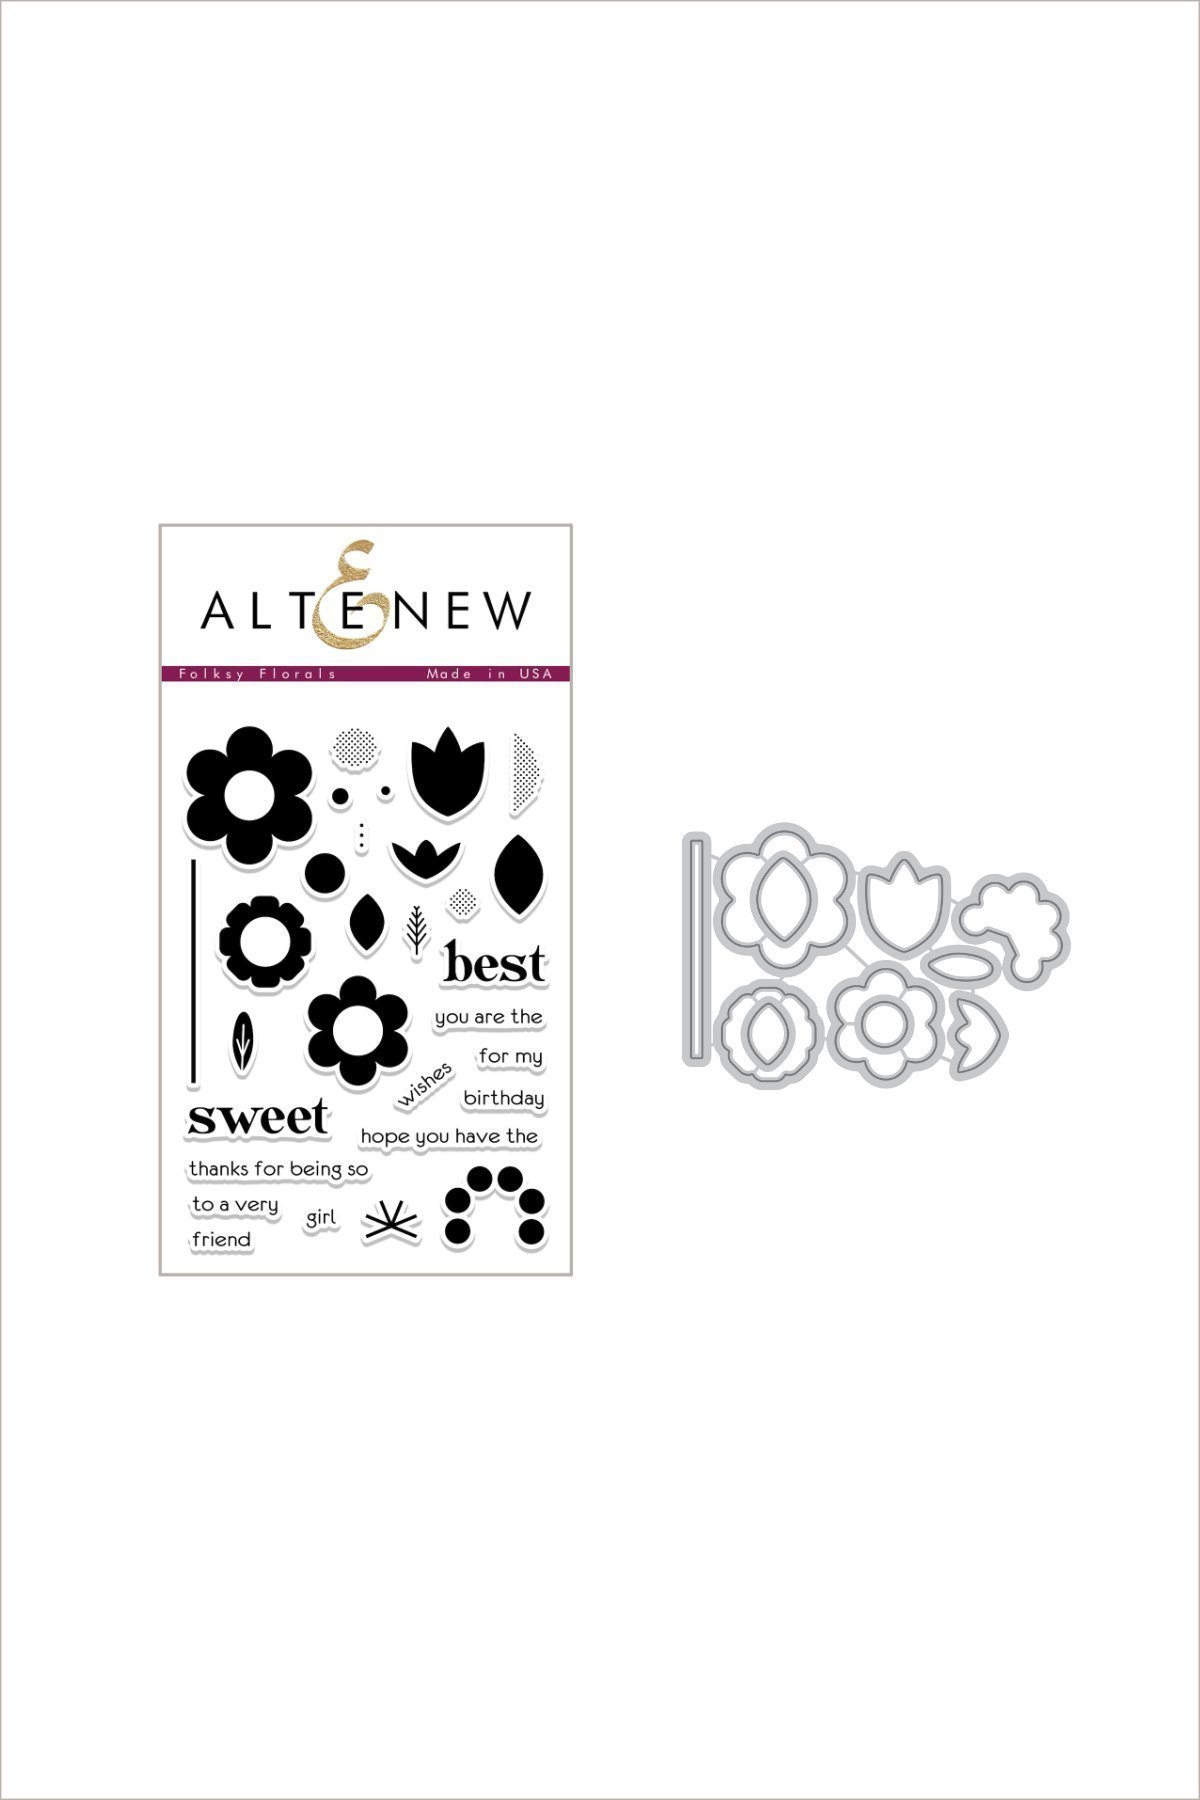 *Altenew - Folksy Floral Stamp & Die Bundle